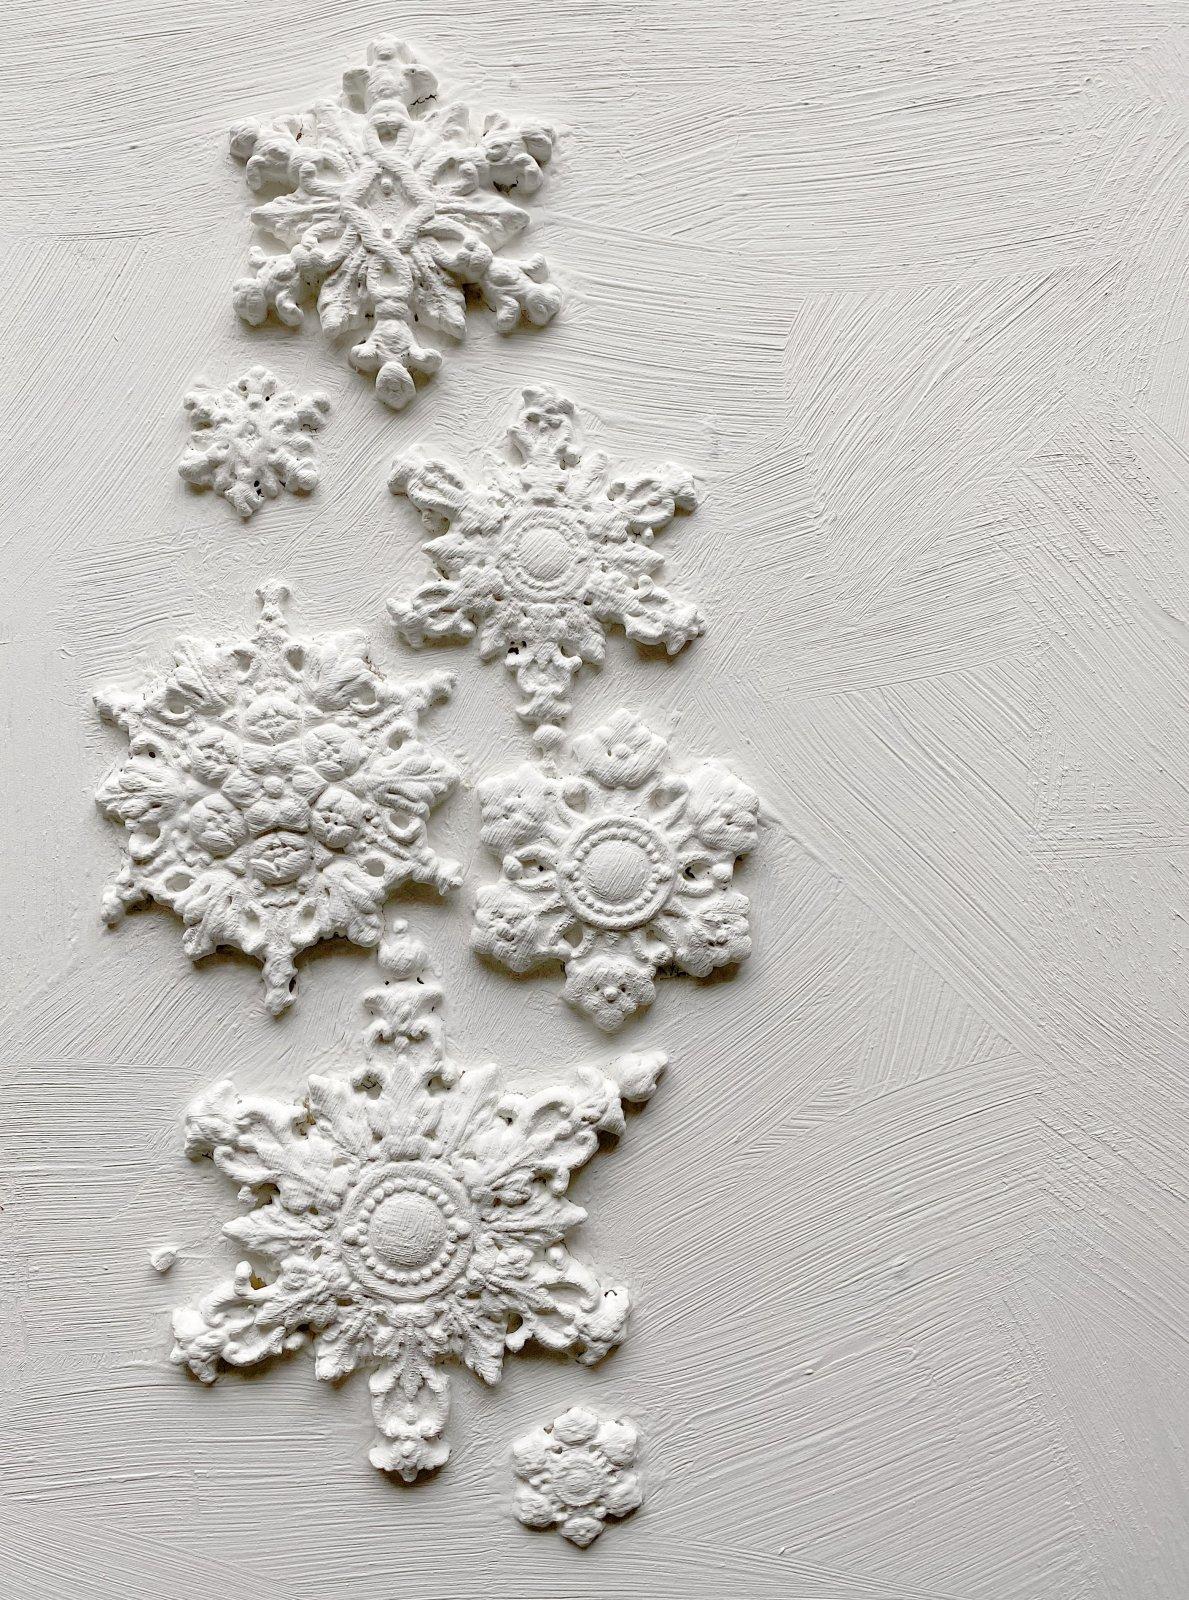 Snowflakes 6x10 IOD Moulds